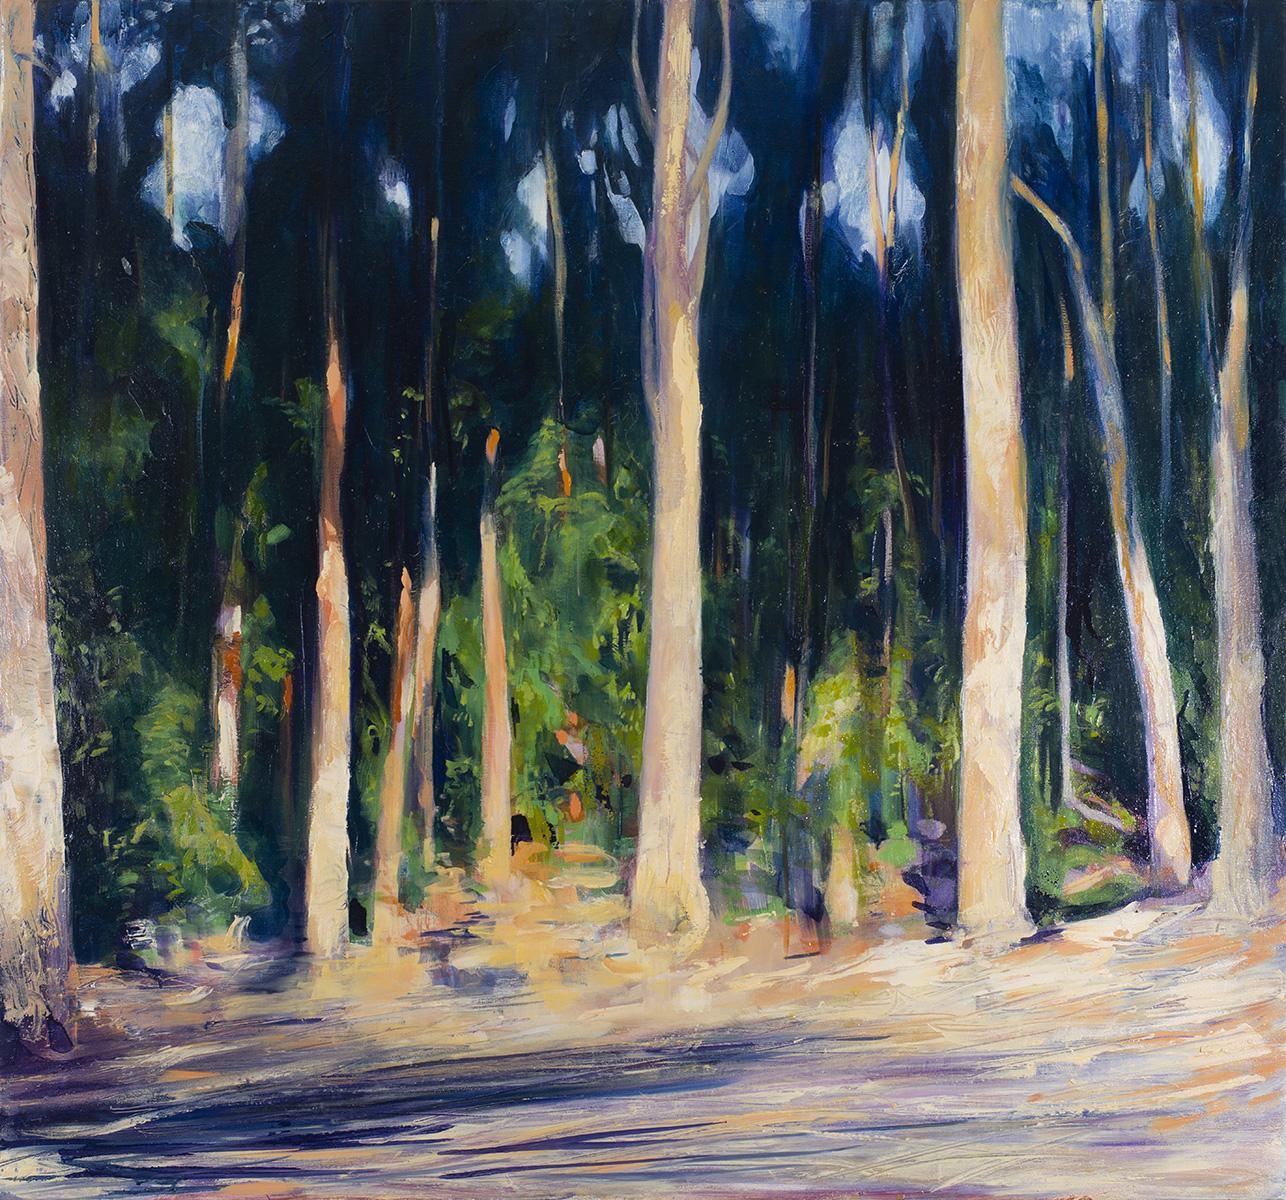 Amanda van Gils In amongst the trees, it's easier to breathe_ oil on linen-76x82cm_.jpg